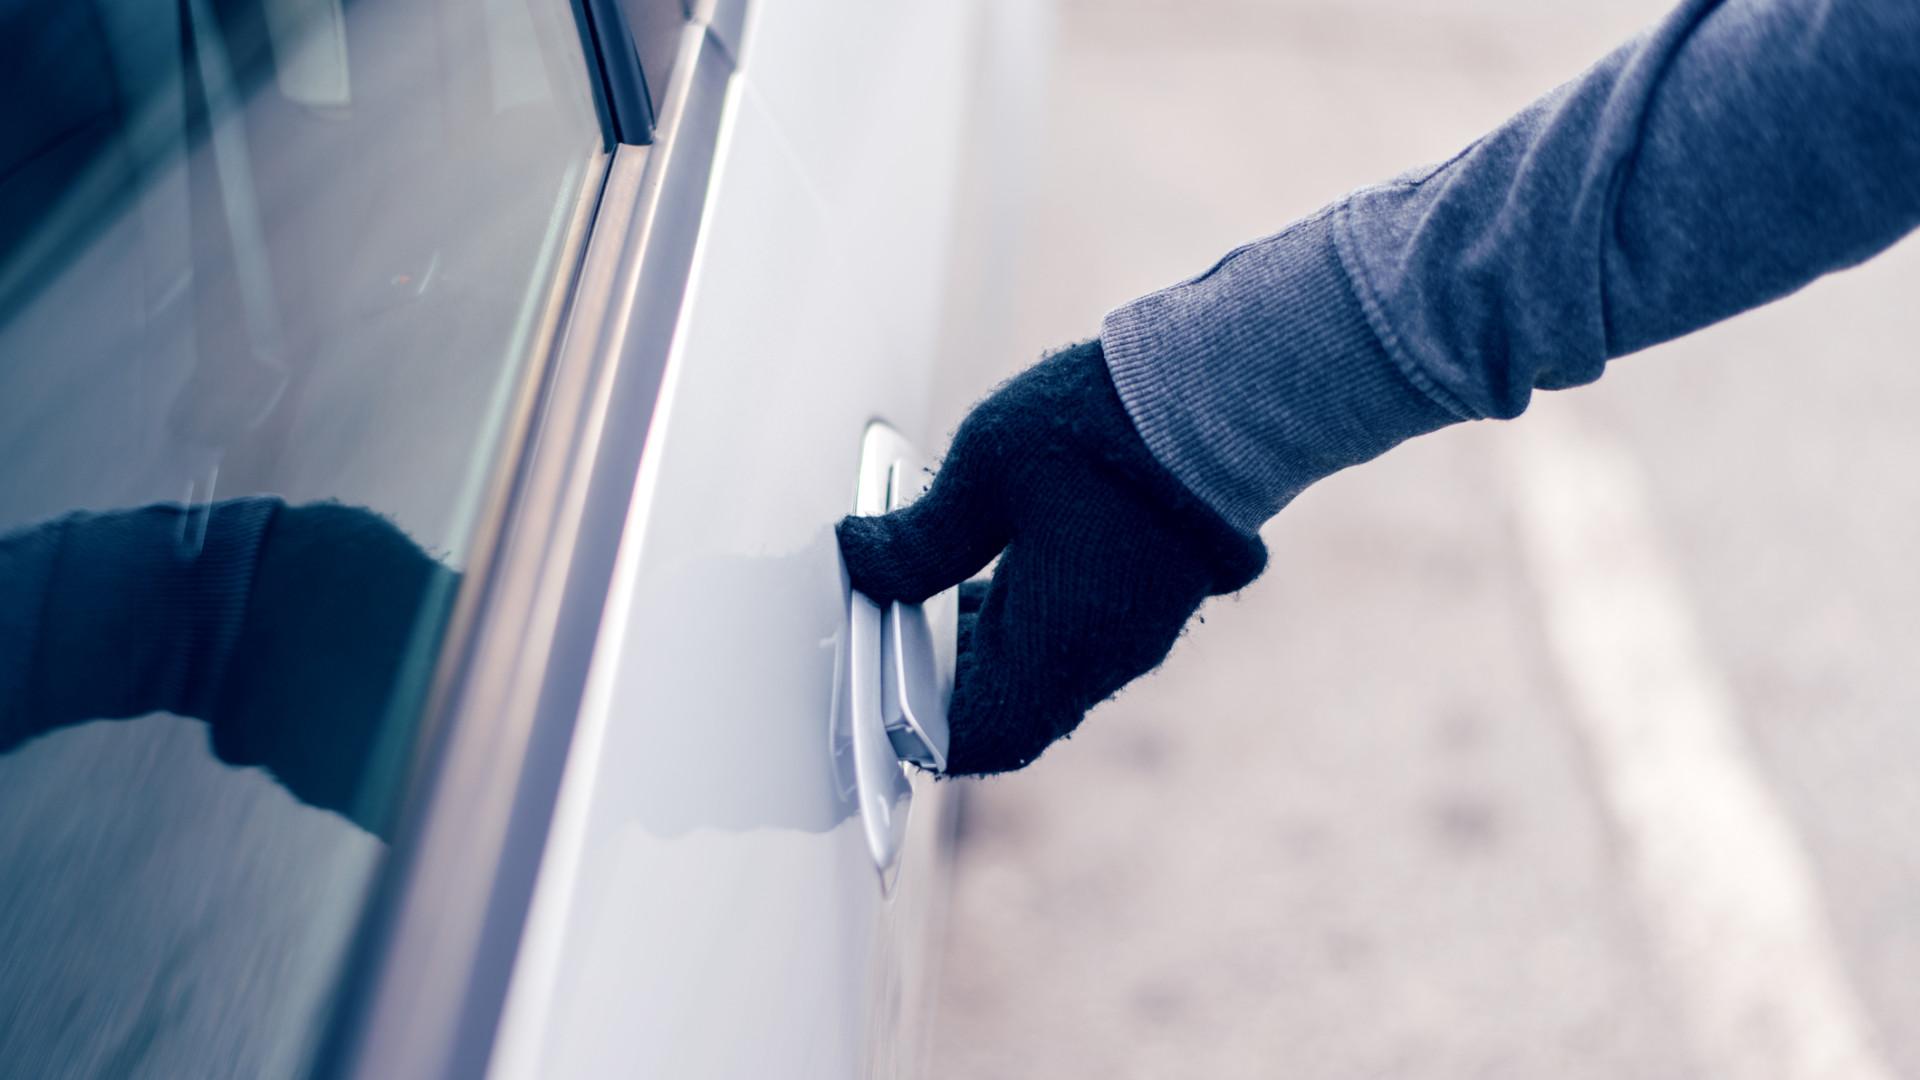 PJ detém suspeitos de fraude na legalização e venda de carros furtados